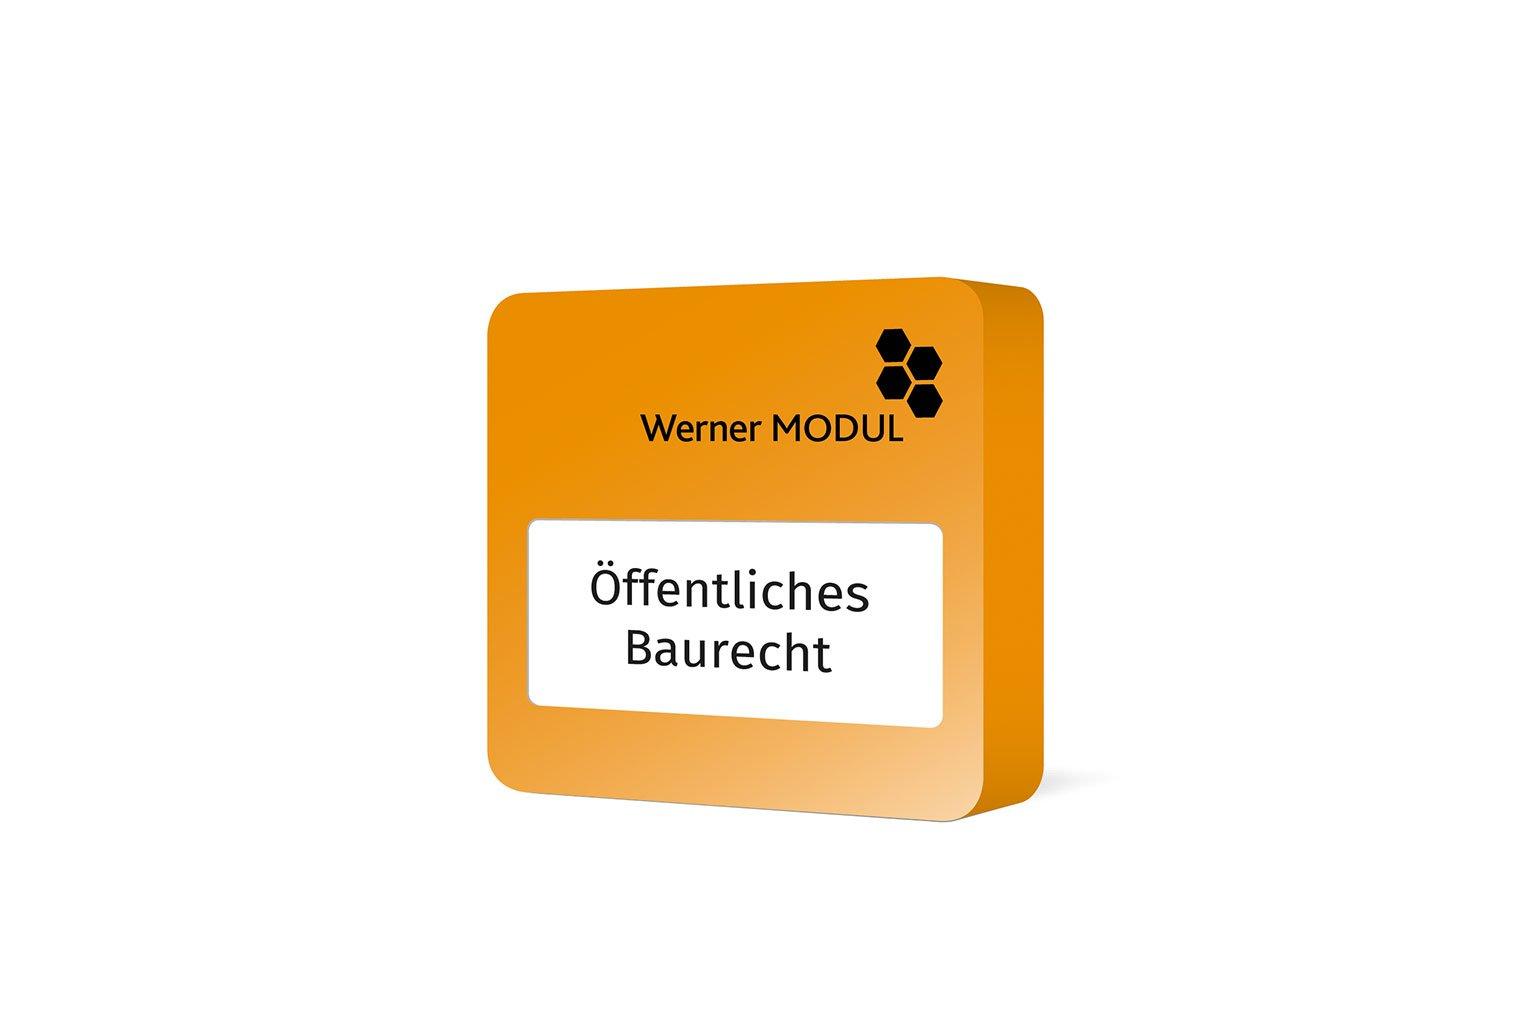 WKO-Modul-Oeff-BauR-1536x1024